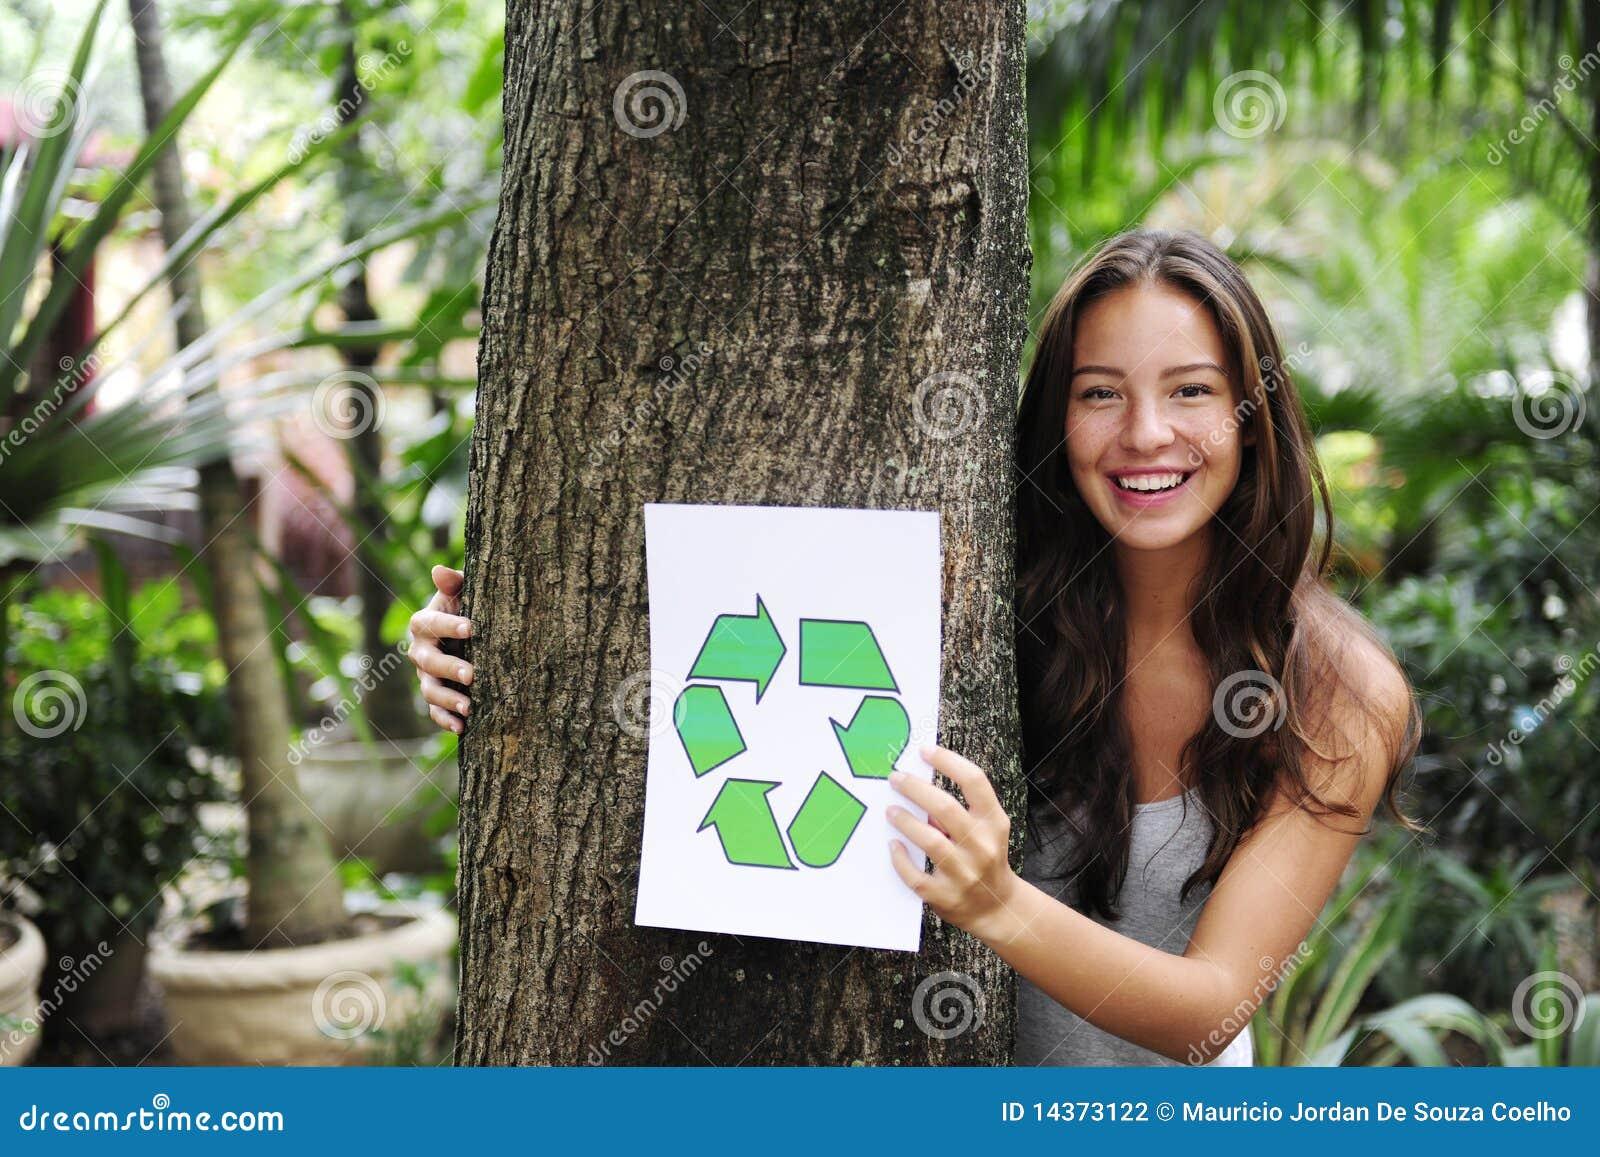 Réutilisation : le femme dans la forêt avec réutilisent le signe